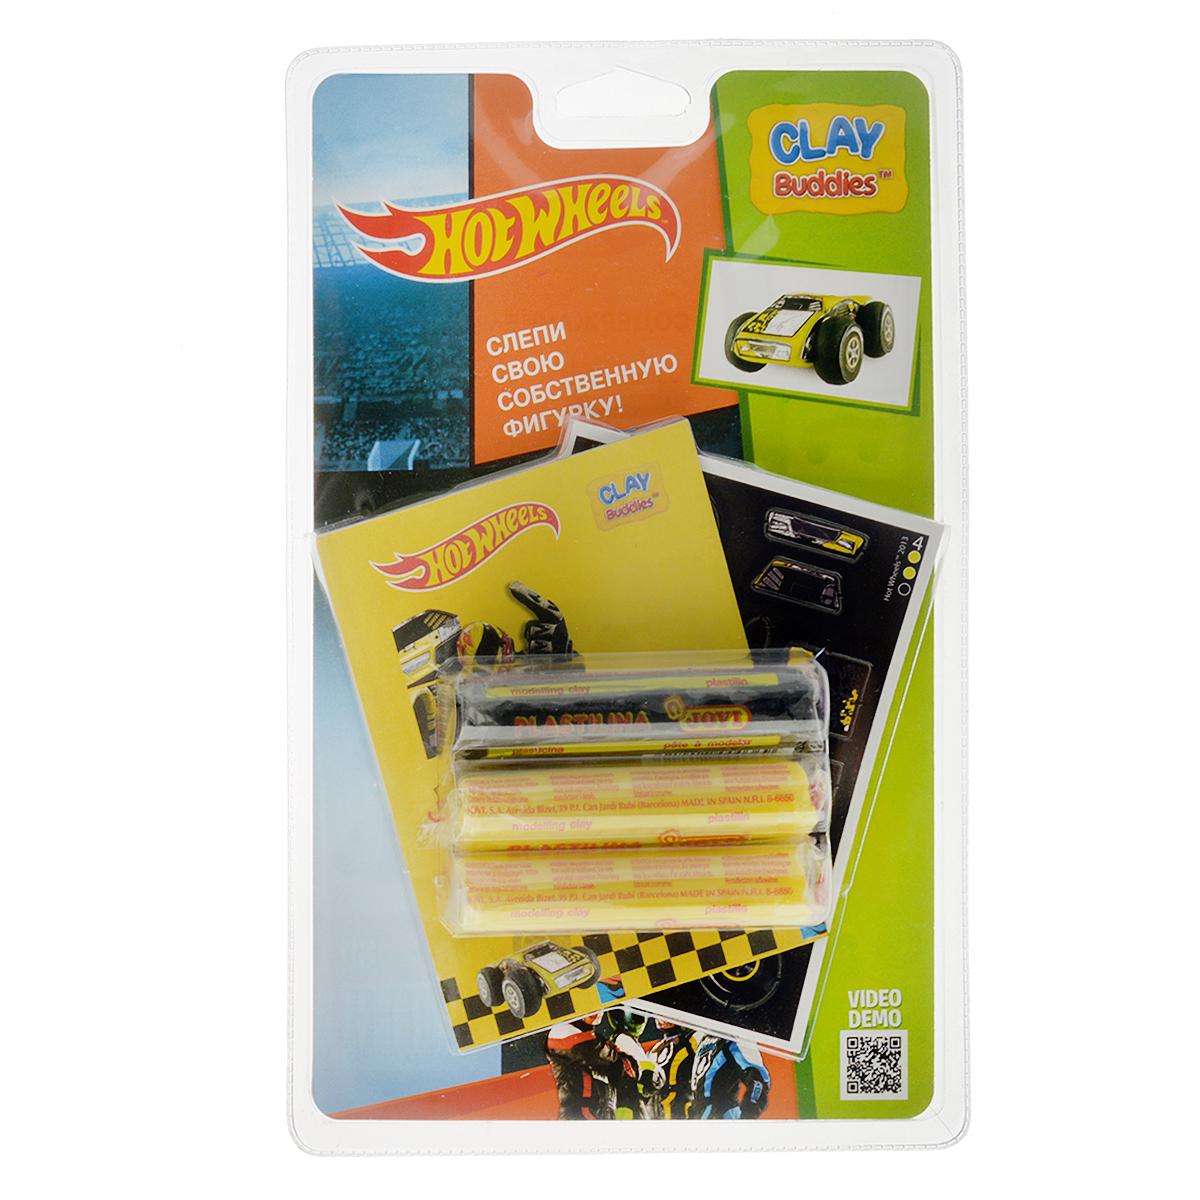 Giromax Набор для лепки Hot Wheels. Машина, цвет: желтый307595_желтаяНабор для лепки Giromax Hot Wheels. Машина позволит вашему ребенку создать поделку в виде желтой гоночной машинки. Набор включает три бруска пластилина (один черного цвета, два других - желтого), картонный лист с красочными элементами для оформления поделки, липучку для наклеивания элементов, а также брошюру с заданиями и инструкцией на русском языке. Работа с пластилином для лепки подарит вашему ребенку положительные эмоции, а также поможет развить мелкую моторику рук, внимательность и усидчивость.